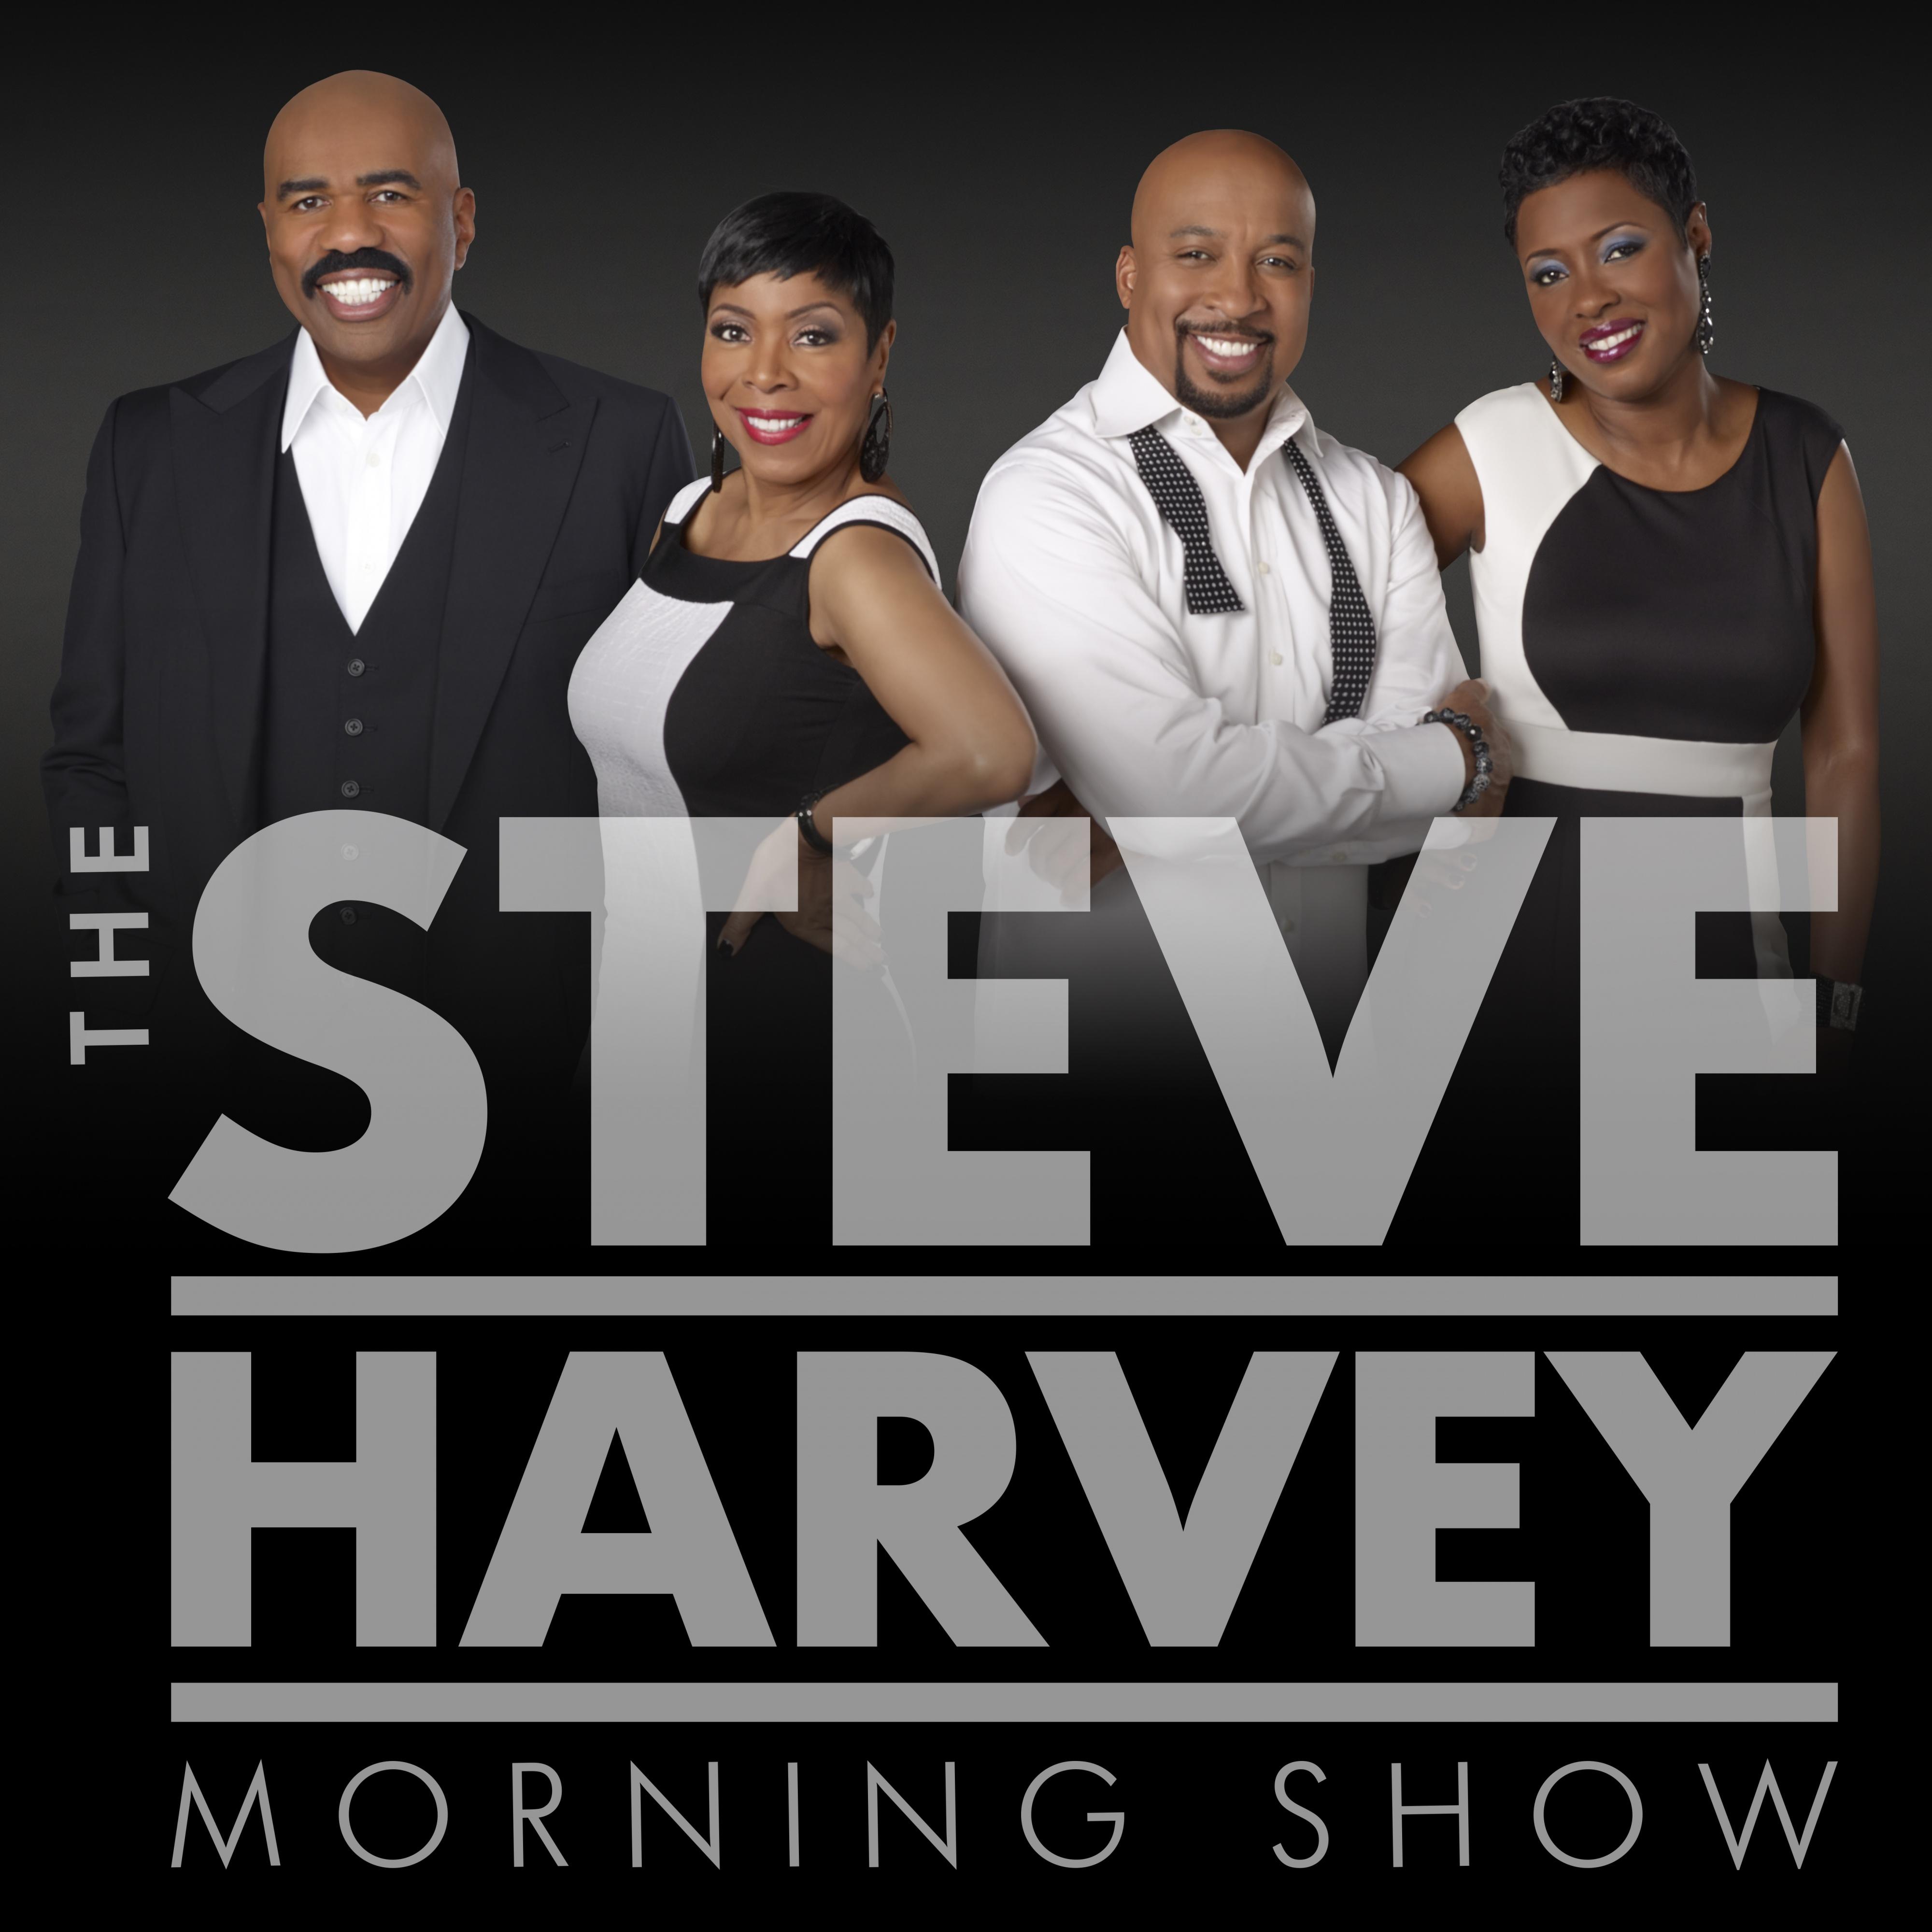 morning online dating harvey Steve show